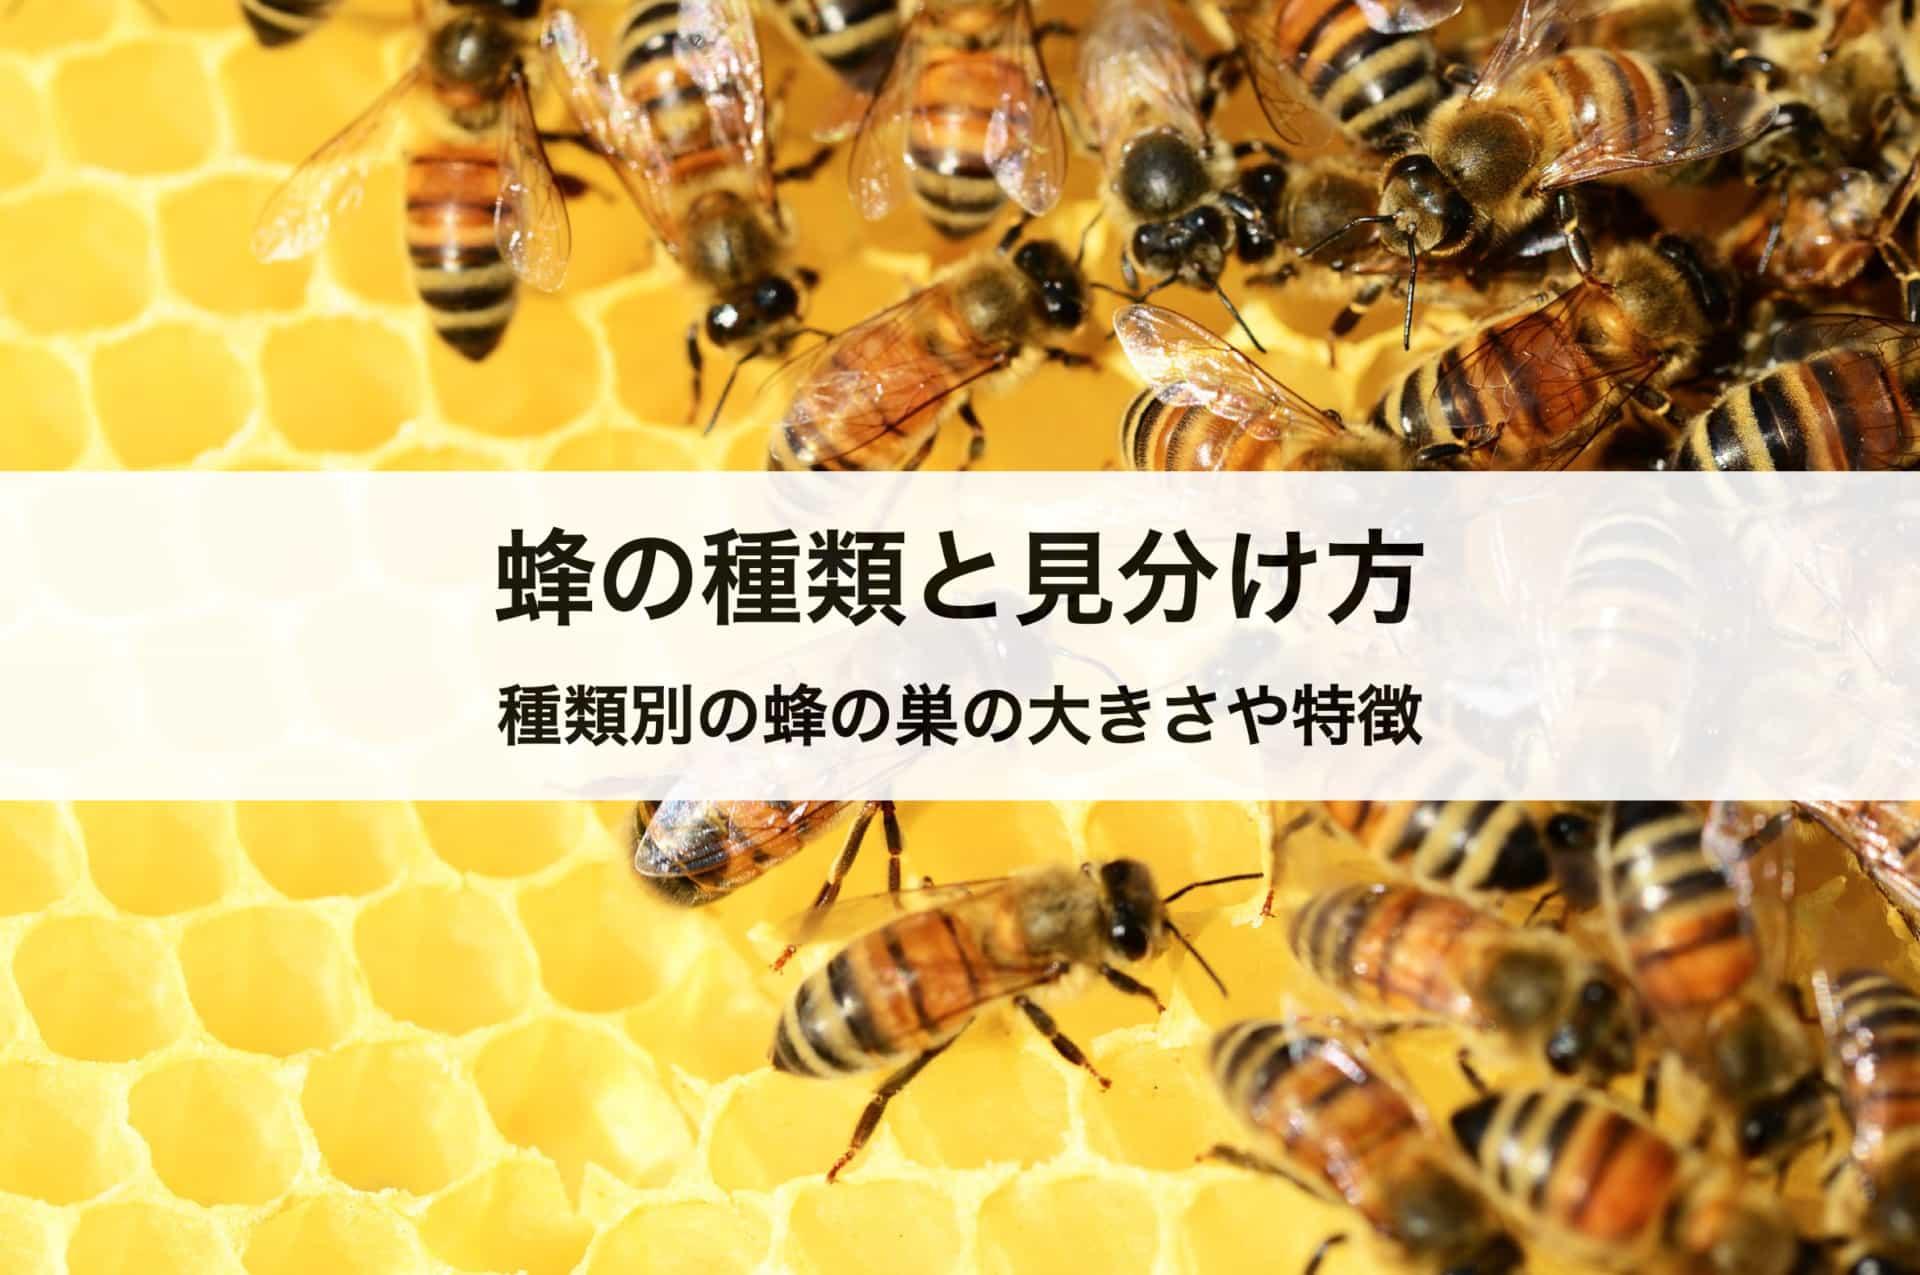 蜂の種類と見分け方|種類別の蜂の巣の大きさや特徴も解説します!